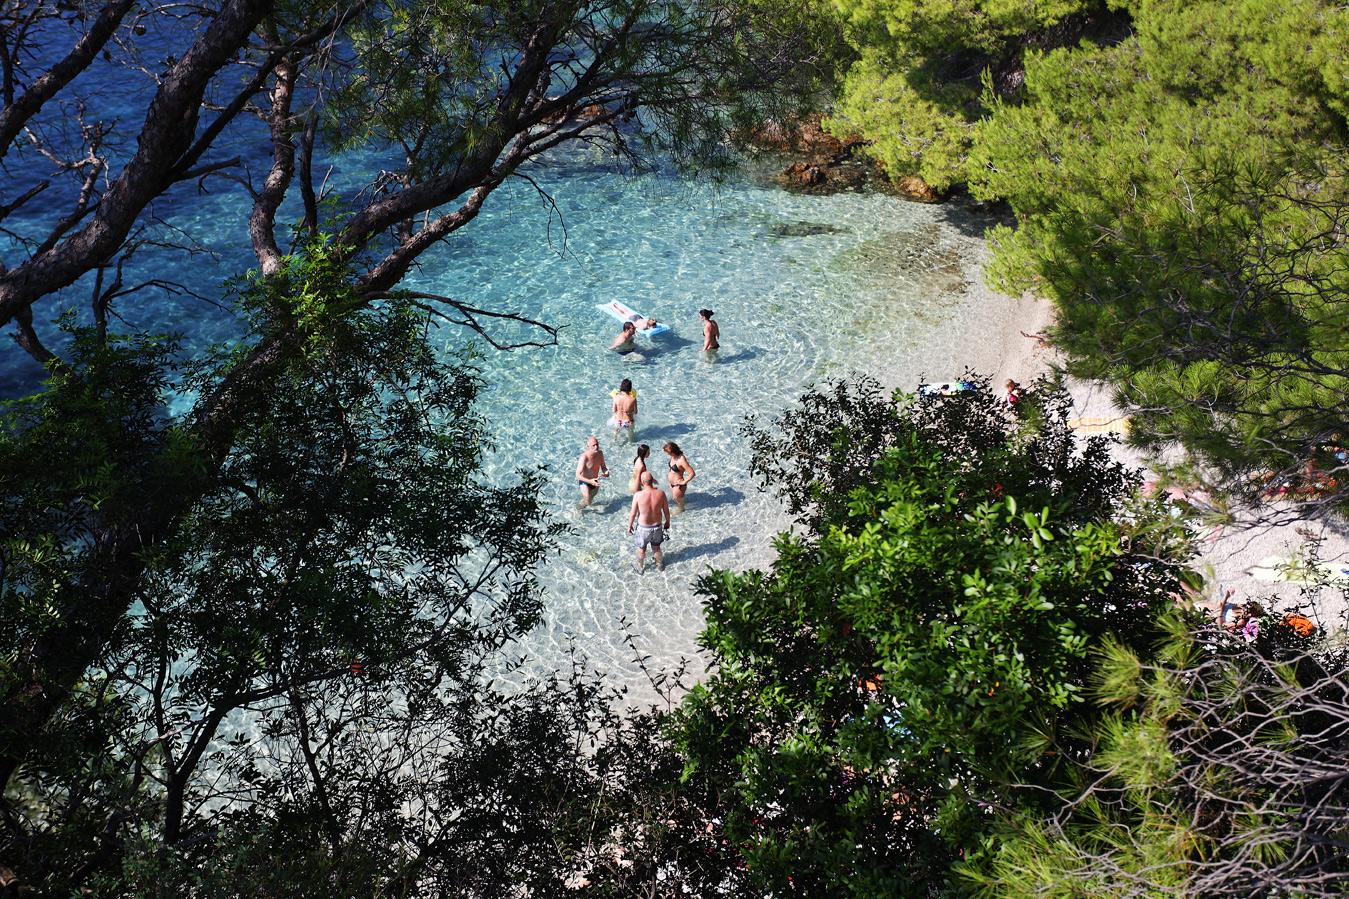 croatia, top 10 beaches, adriatic sea, coast, žuljana, pelješac